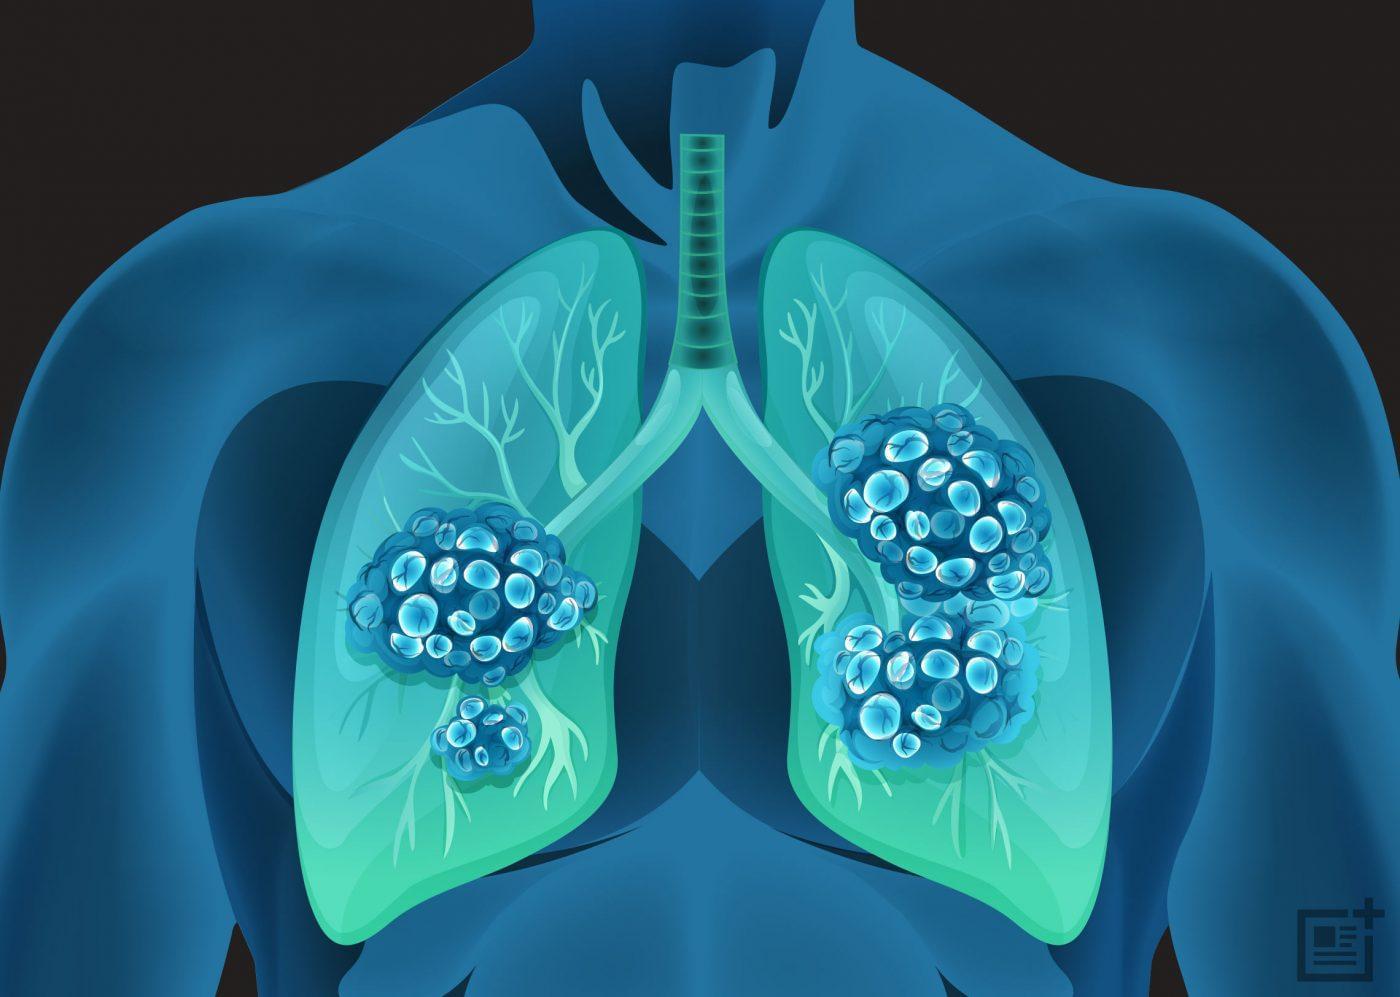 基石药业宣布中国首个选择性RET抑制剂普吉华®(普拉替尼胶囊)获批,为肺癌患者提供治疗新选择